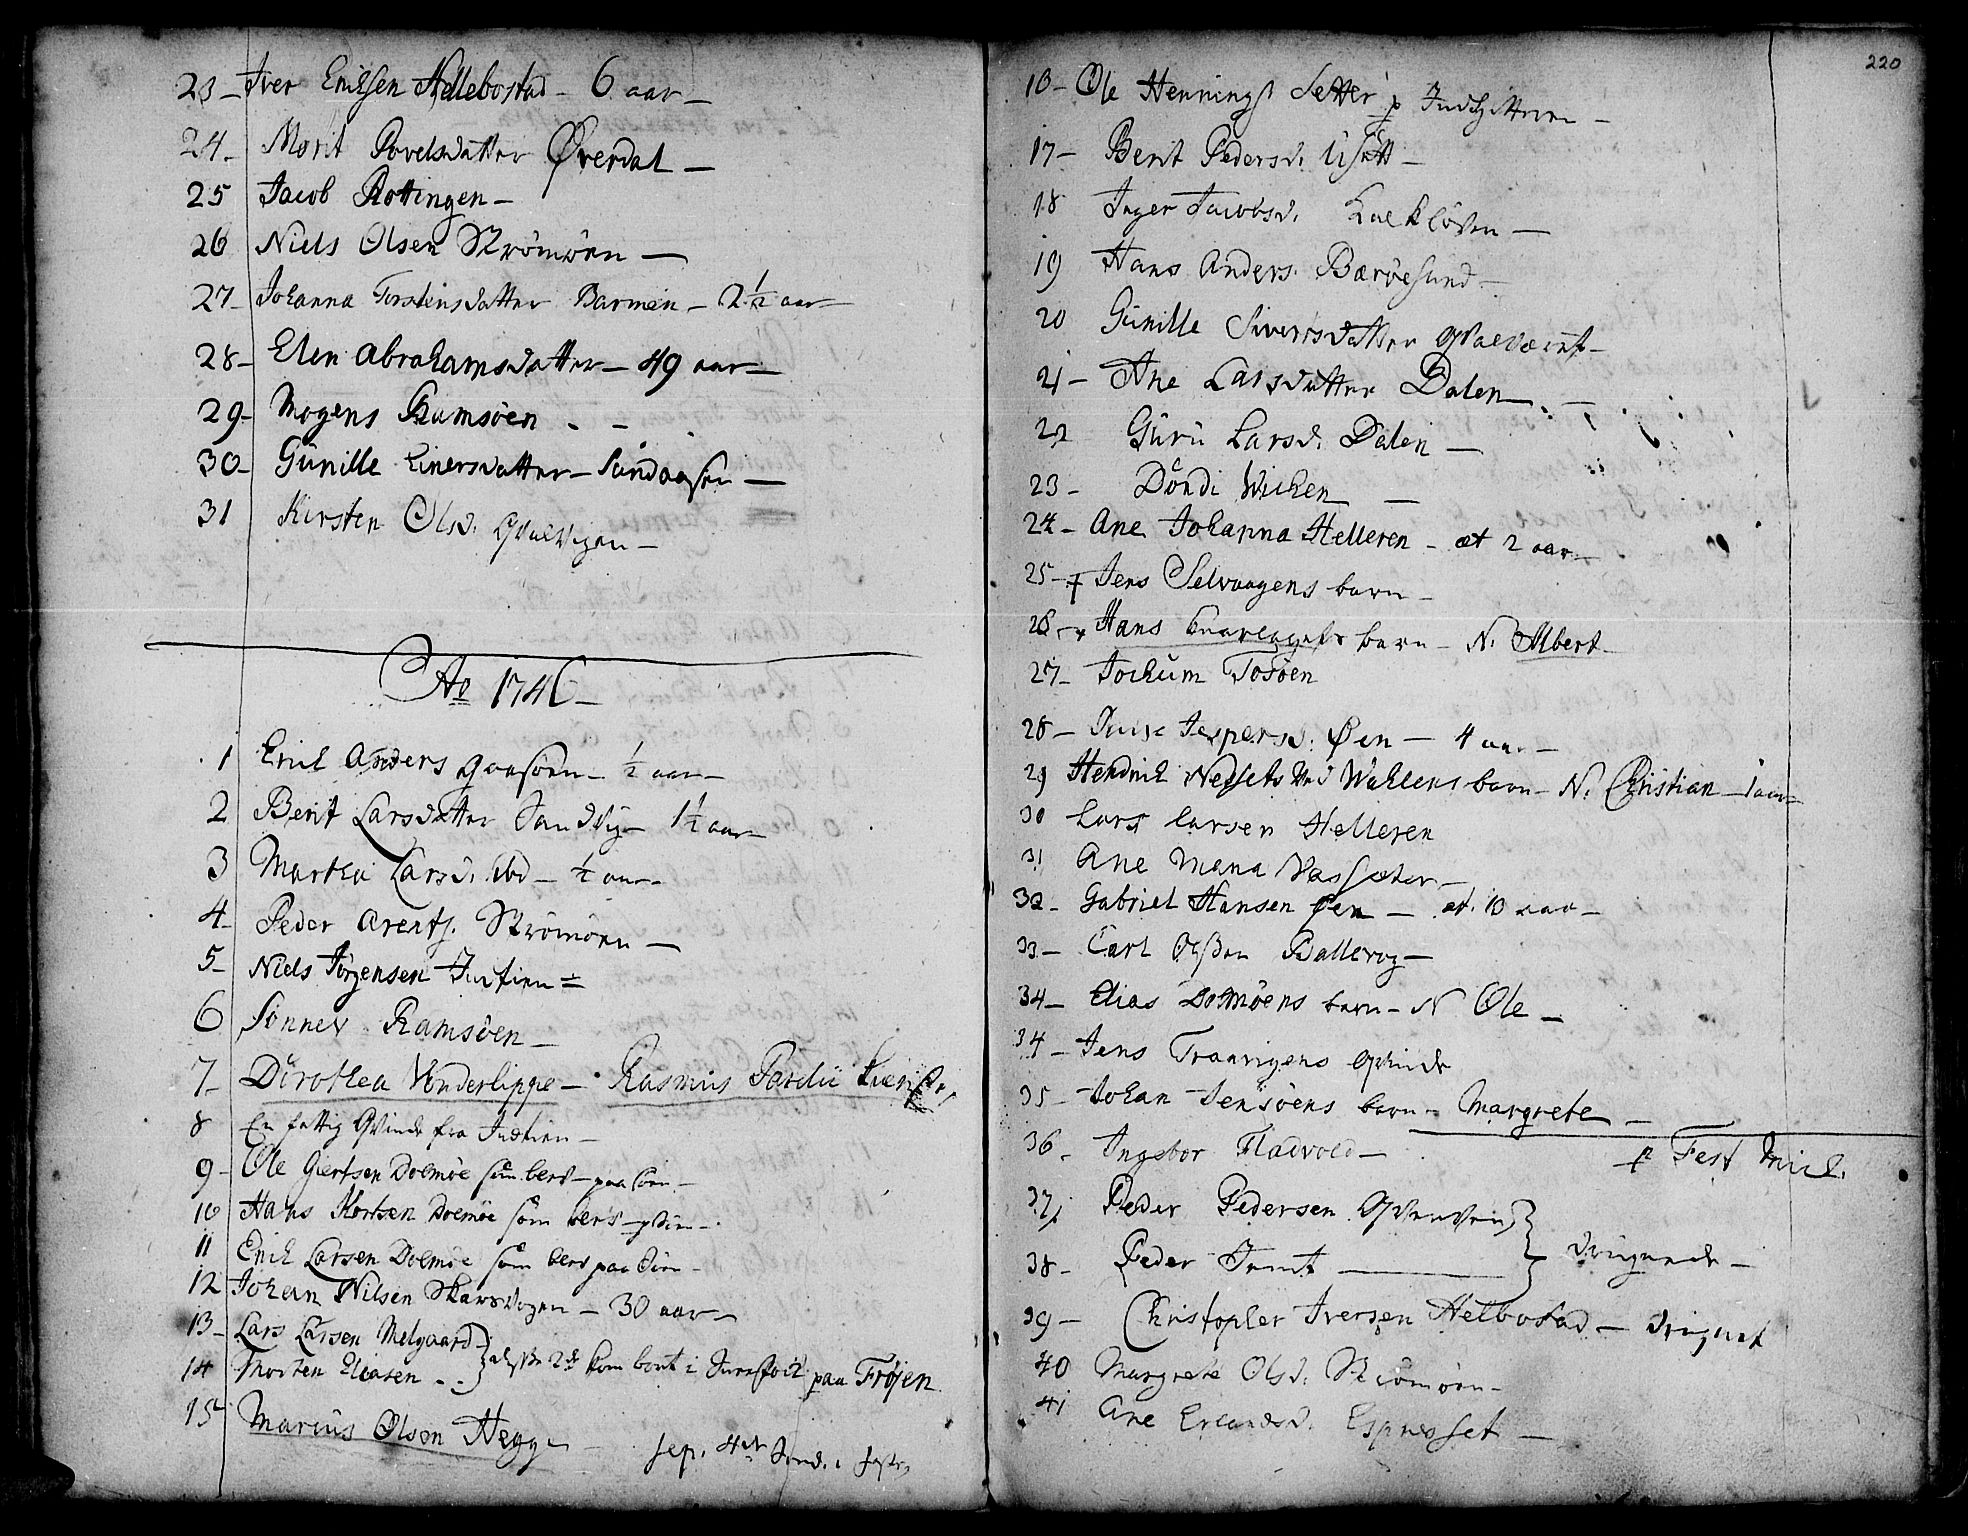 SAT, Ministerialprotokoller, klokkerbøker og fødselsregistre - Sør-Trøndelag, 634/L0525: Ministerialbok nr. 634A01, 1736-1775, s. 220